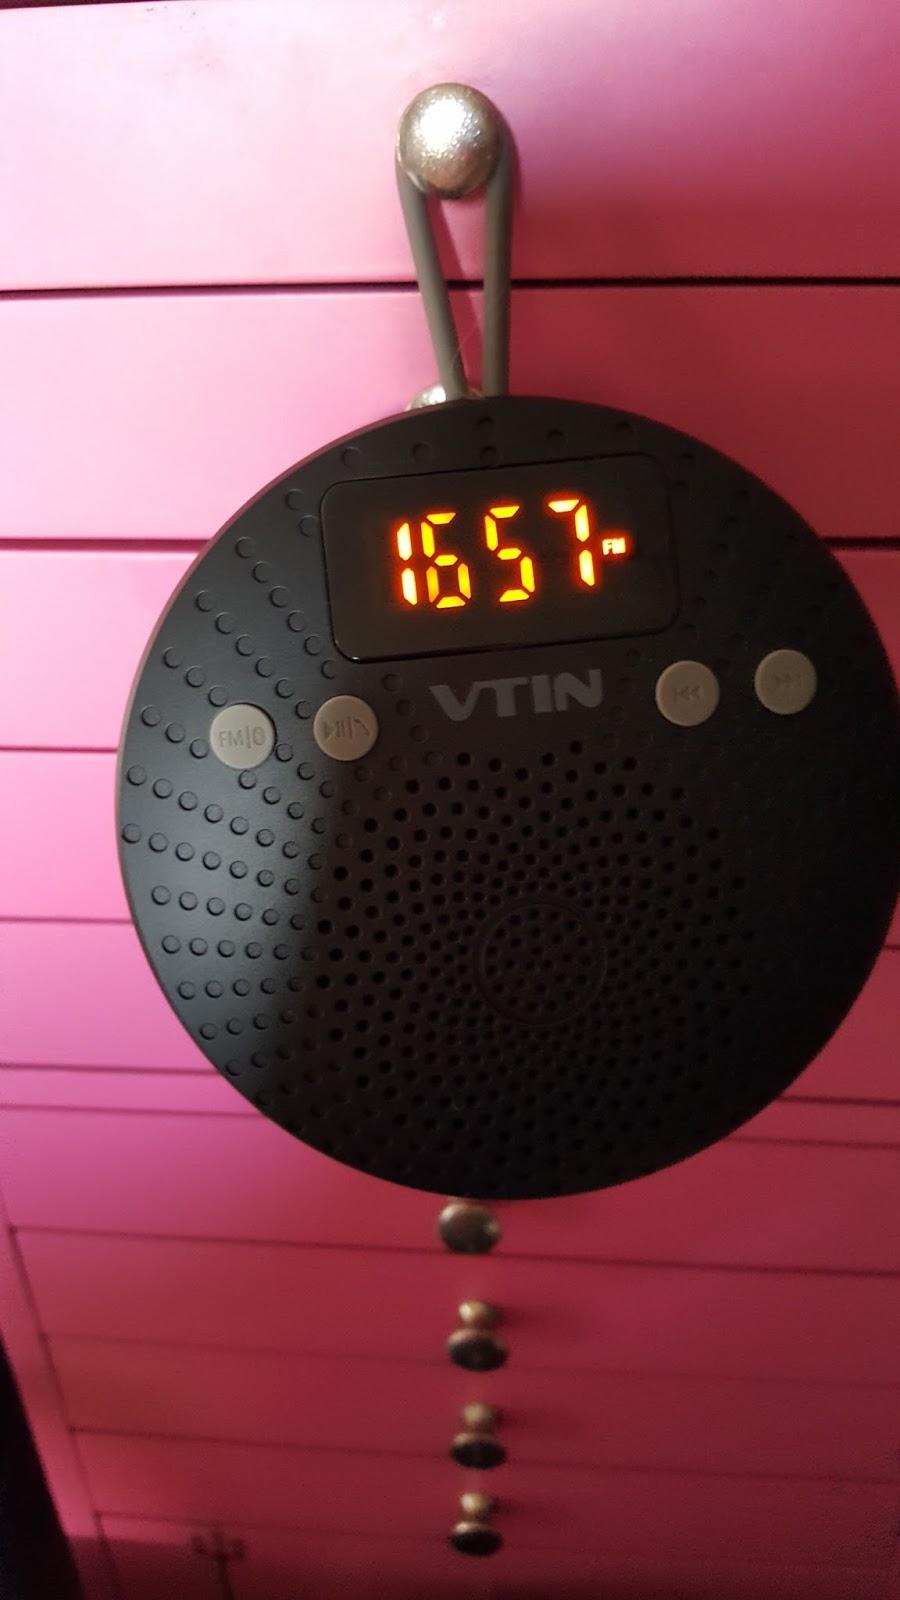 Full Size of Monas Blog Victsing Bluetooth Lautsprecher Dusche Unterputz Armatur Haltegriff Kaufen Mischbatterie Sprinz Duschen Bodengleiche Ebenerdige Kosten Breuer Dusche Bluetooth Lautsprecher Dusche